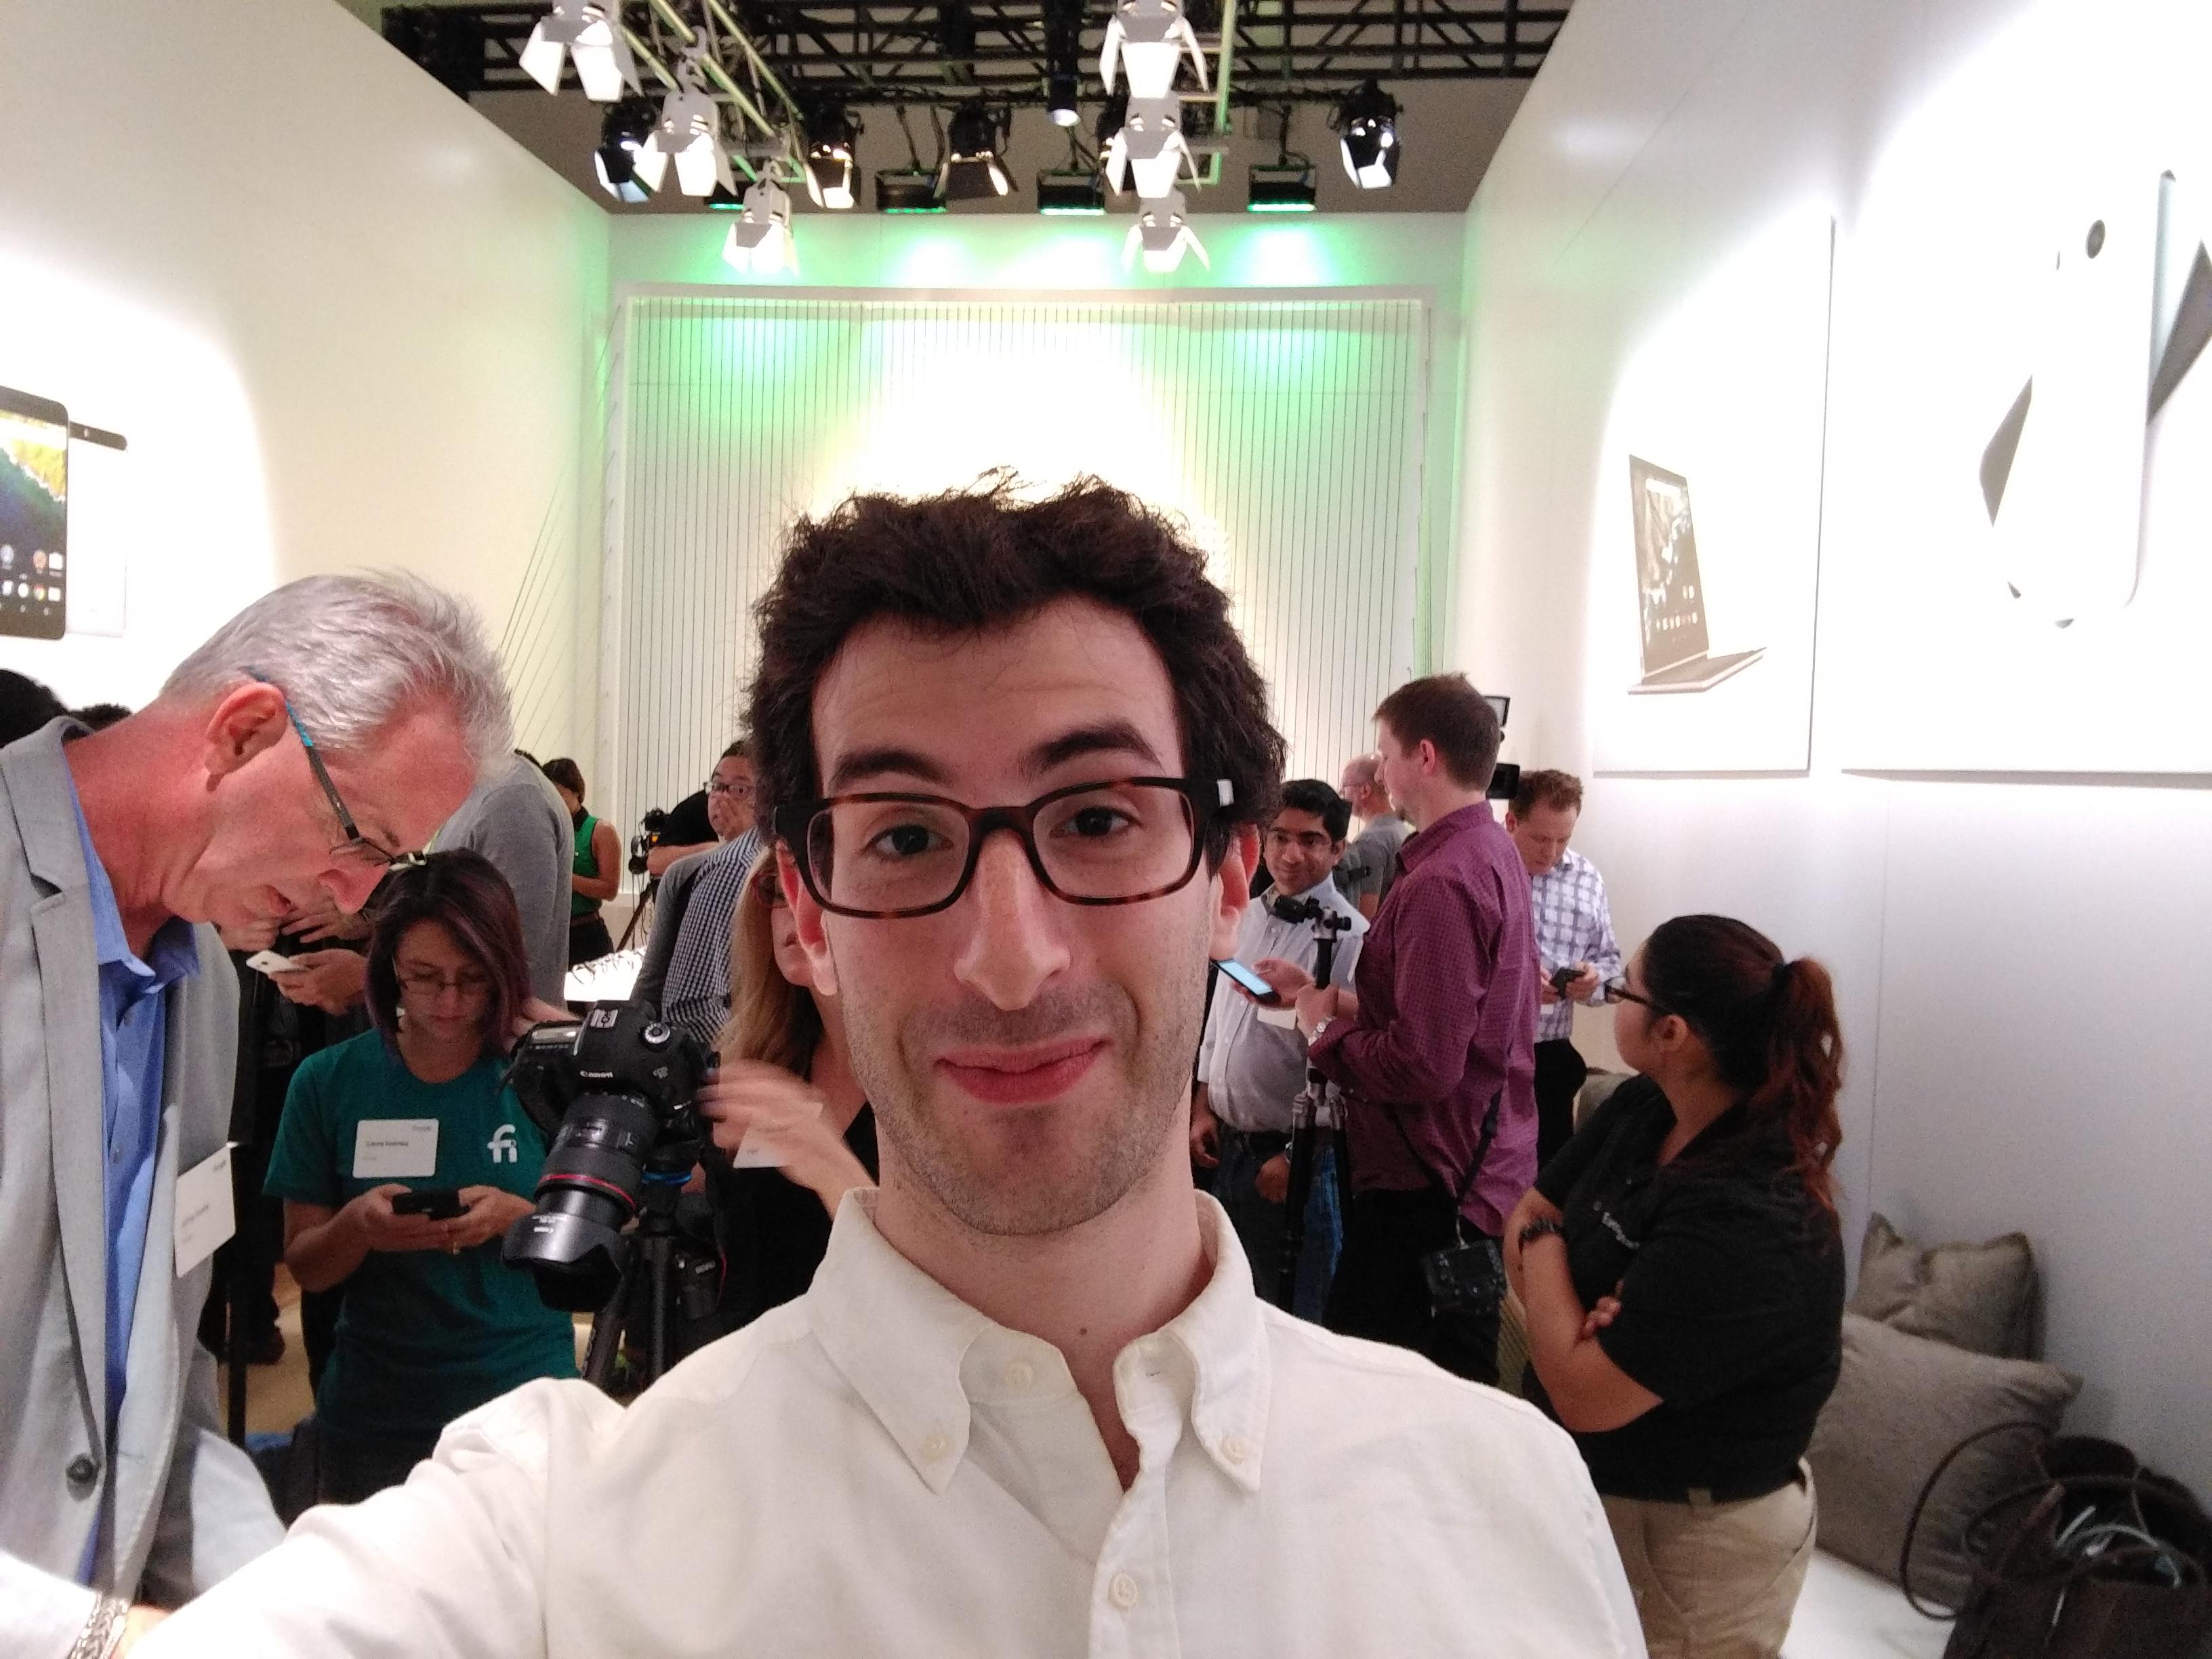 A selfie on Huawei's Nexus 6P.